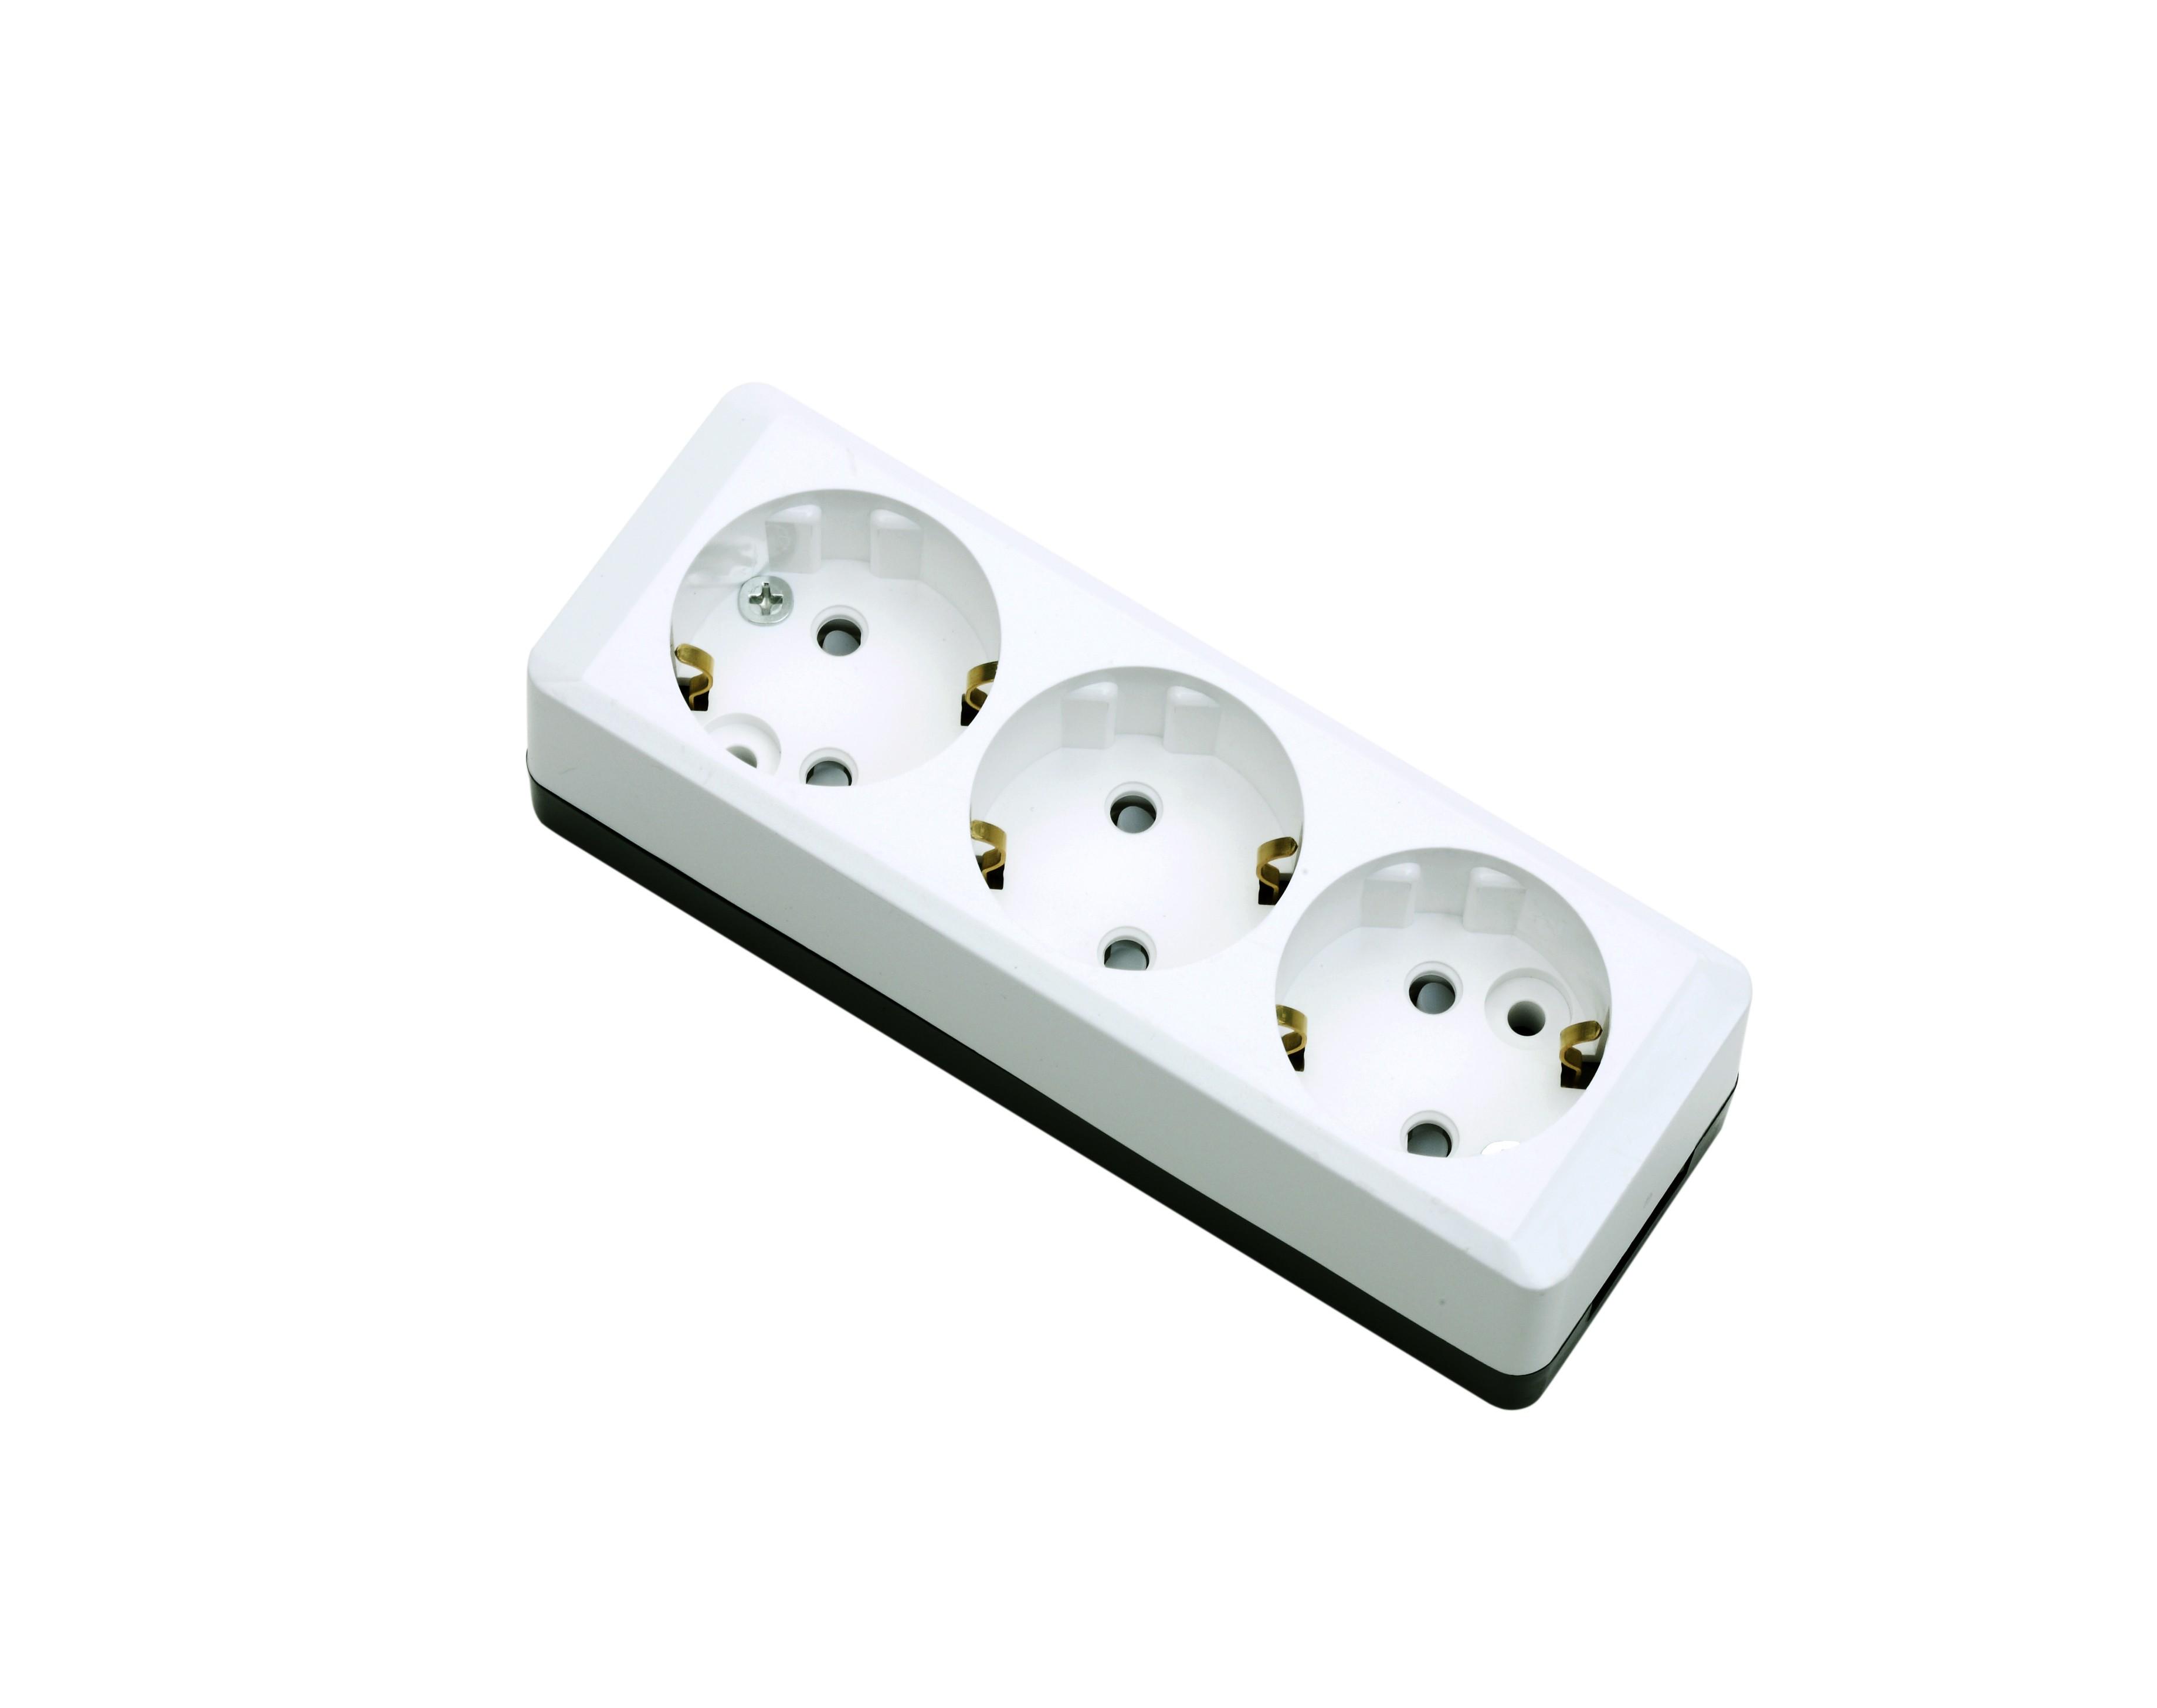 Розетка DaesungЭлектроустановочные изделия<br>Тип изделия: розетка, Способ монтажа: скрытой установки, Цвет: белый, Сила тока: 16, Количество гнезд: 3, Выходная мощность максимально: 3500<br>